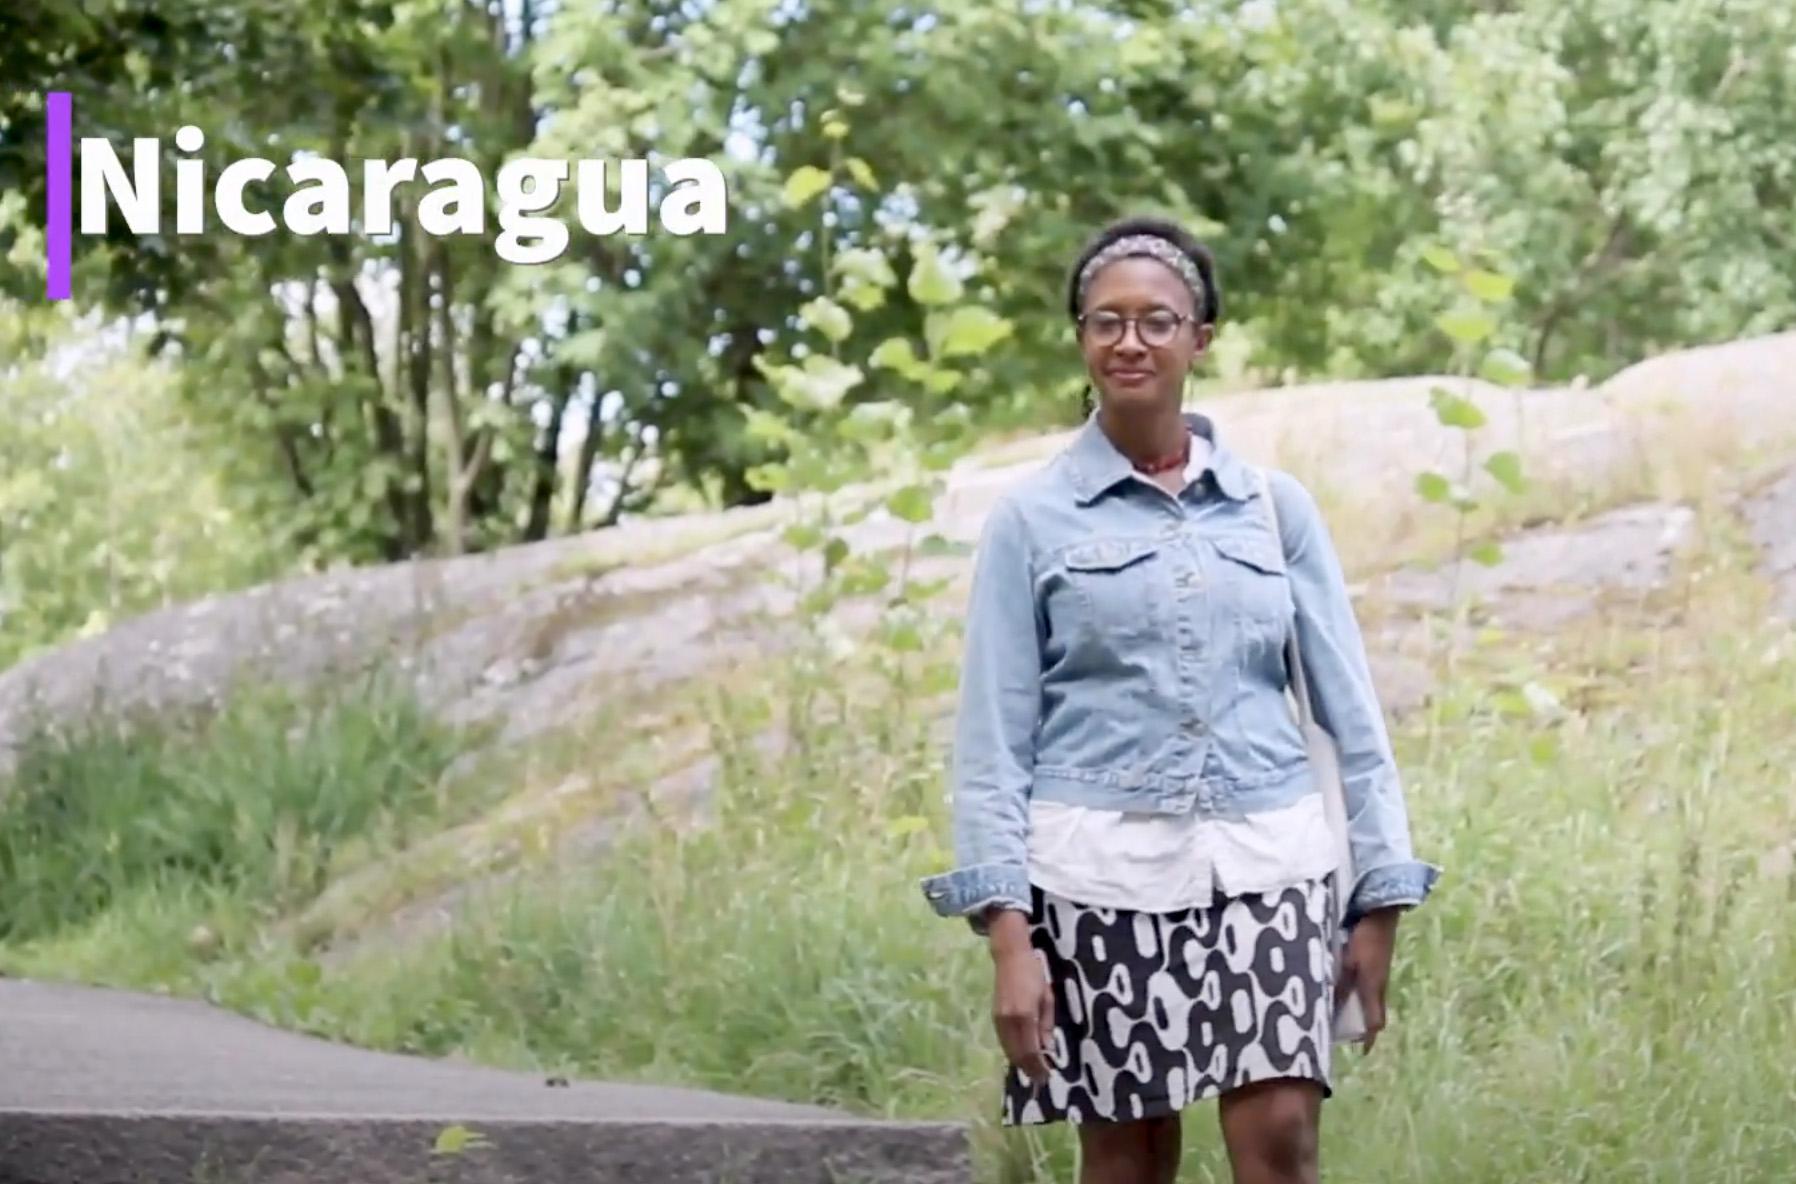 Kuvakaappaus videolta, Shirlene Green kävelee luonnossa